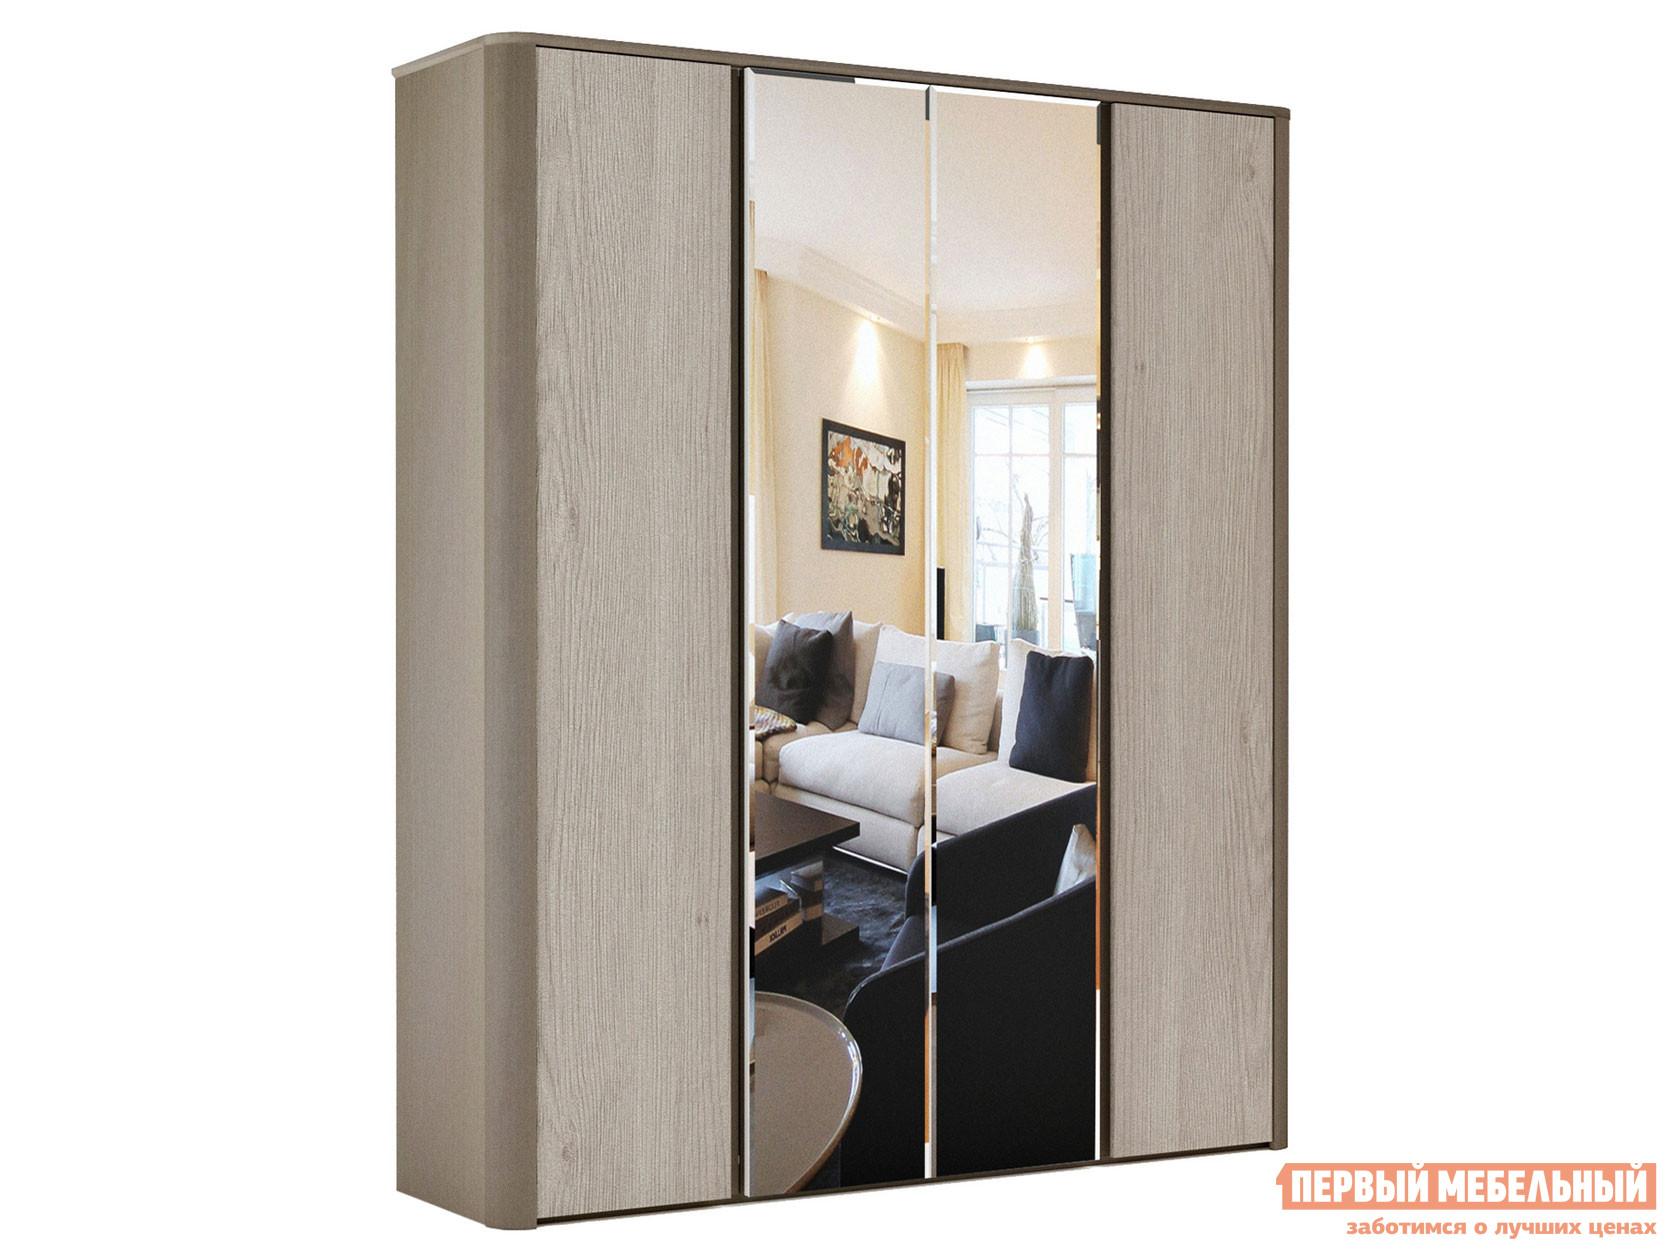 Распашной шкаф с двумя зеркальными створками Первый Мебельный Шкаф 4-х дверный с зеркалом Лацио распашной шкаф шкаф 4 х дверный с доводчиками медея медея